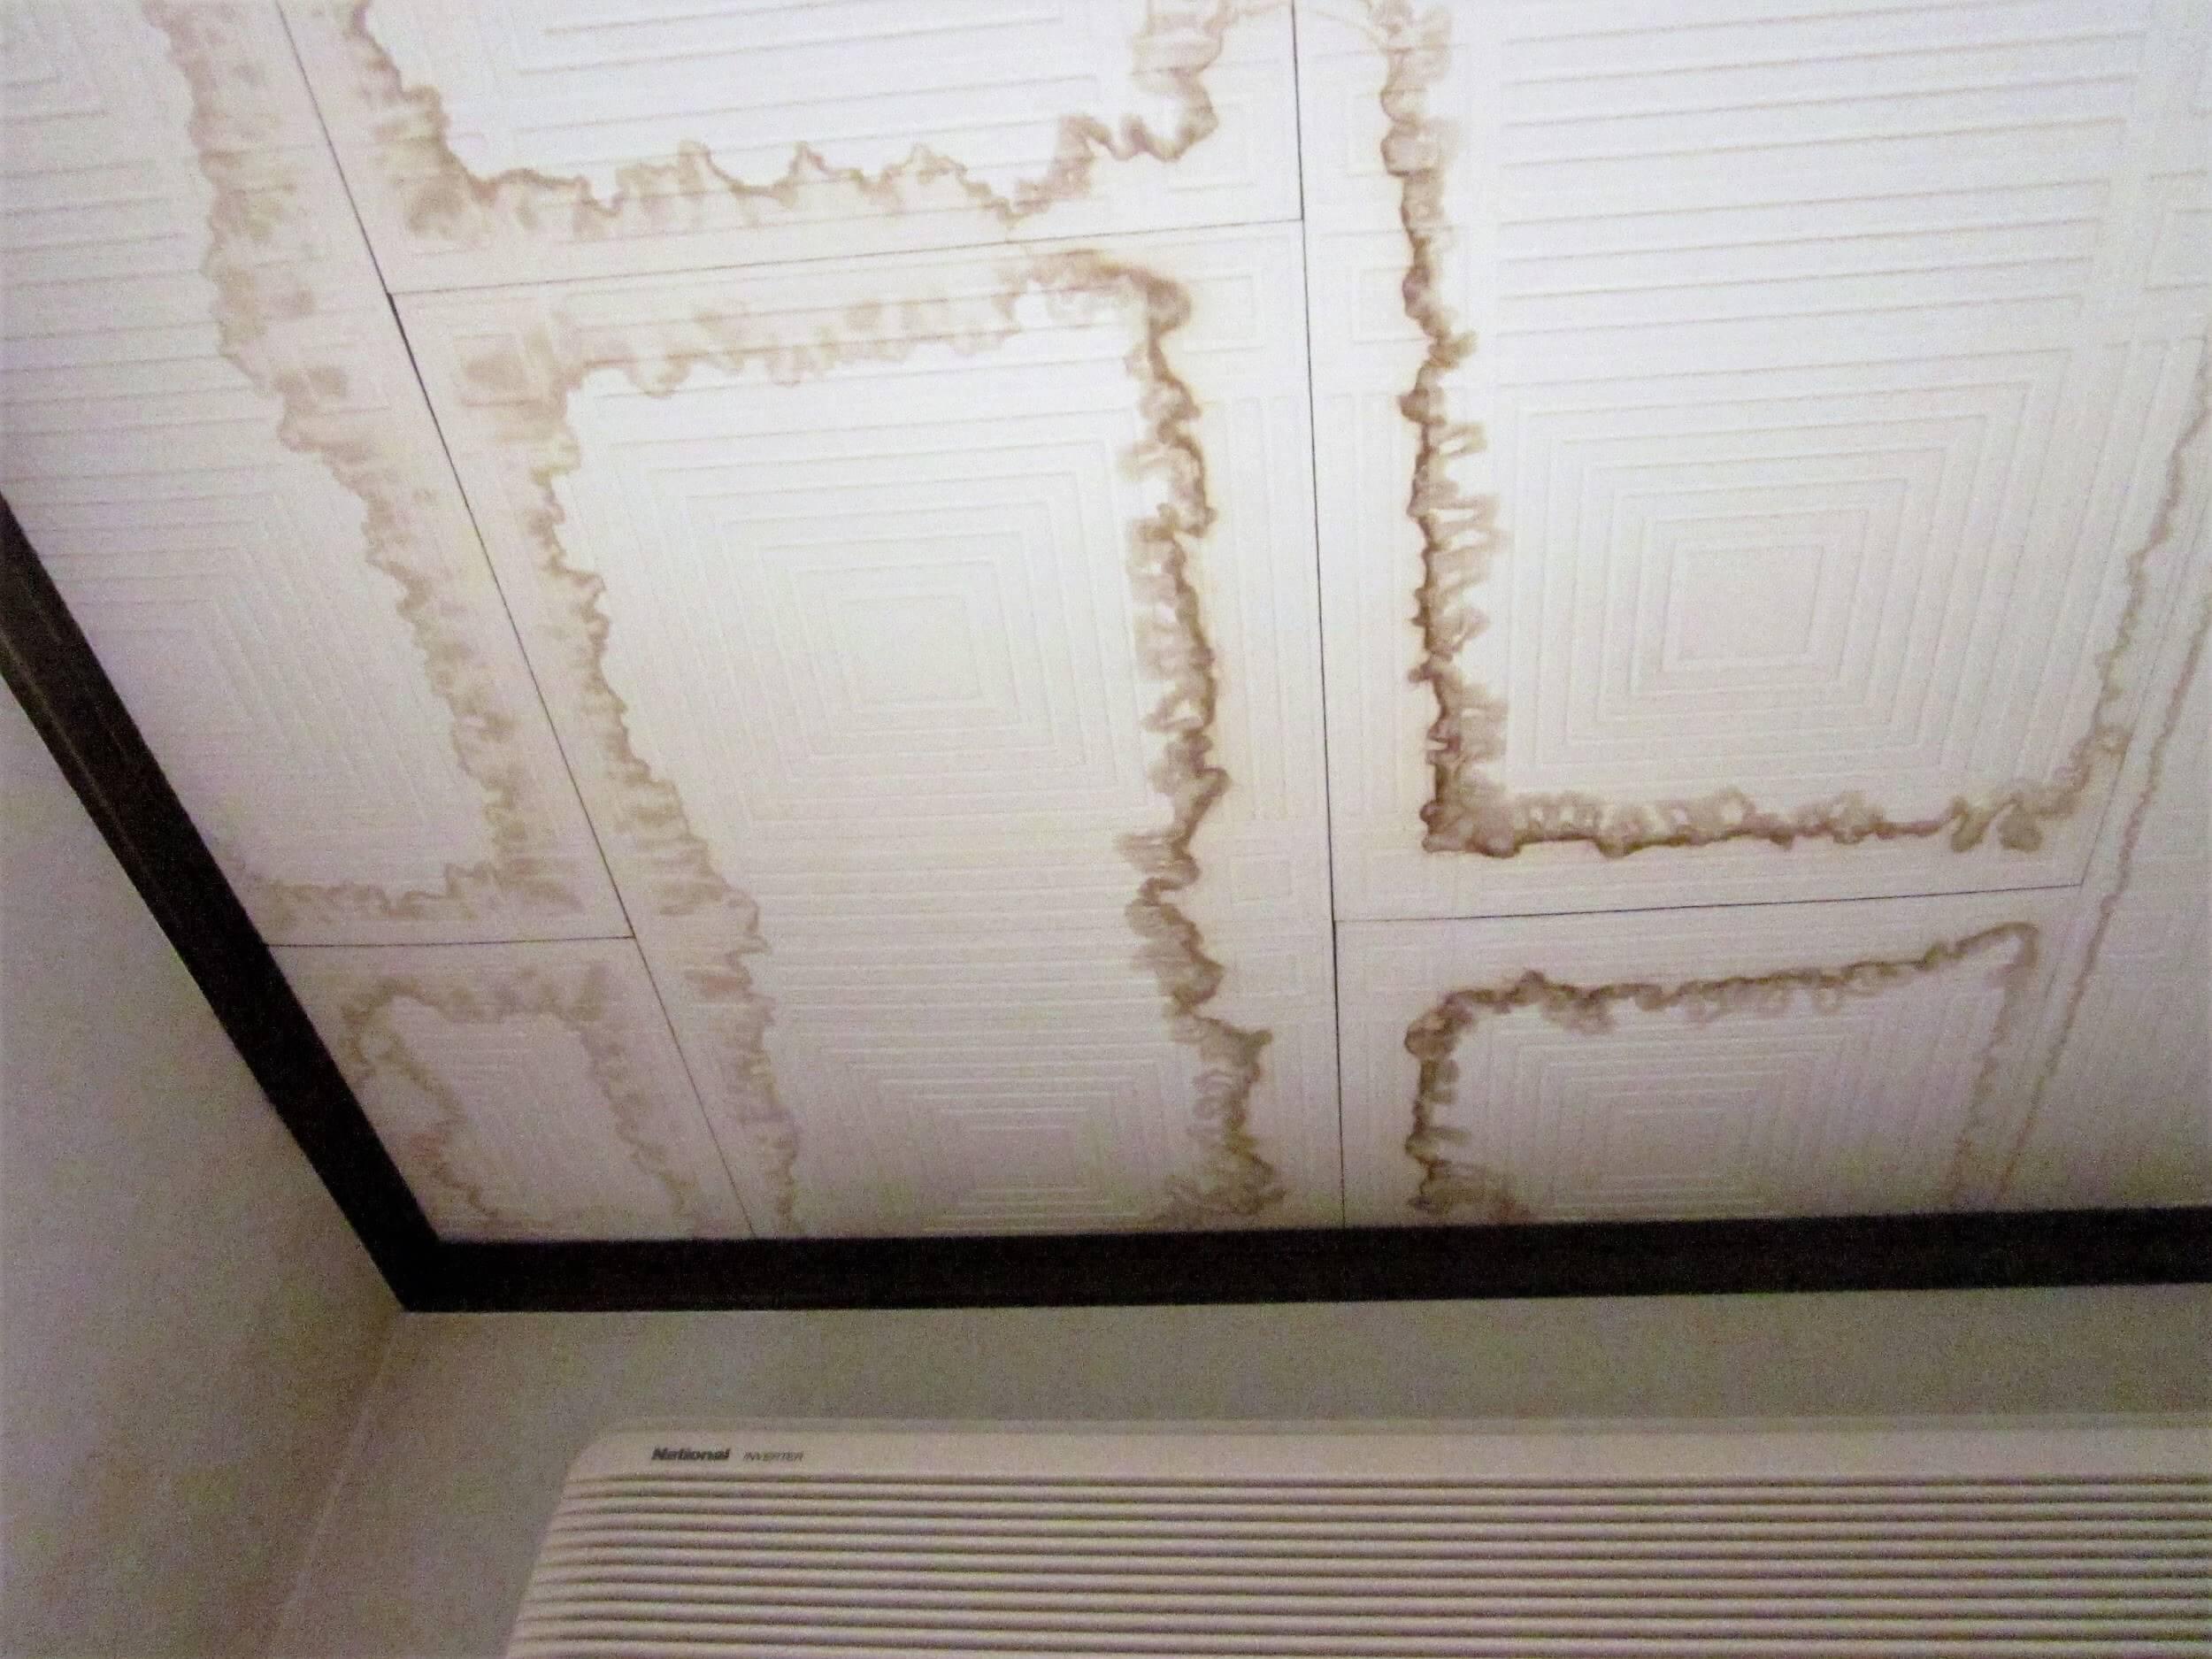 アパートの雨漏りは誰の責任 原因別被害請求マニュアル ゼロ円